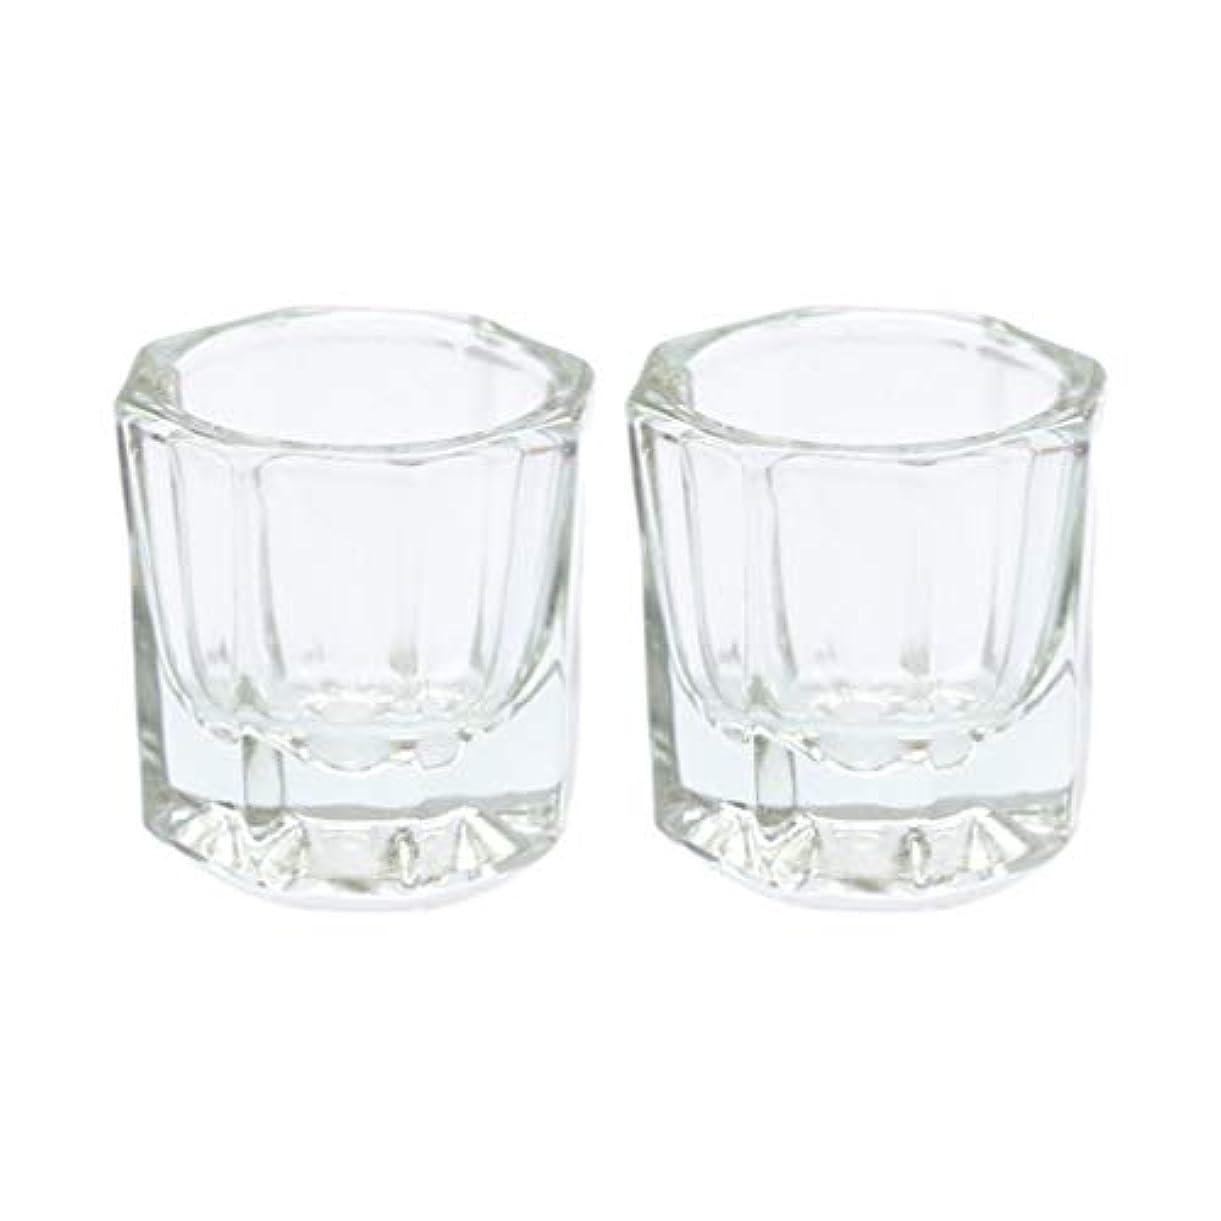 愛国的なクラック前部Lurrose 2ピースガラスクリスタルダッペン皿ネイルアートアクリル液体粉末ダッペン皿ネイルアートツール